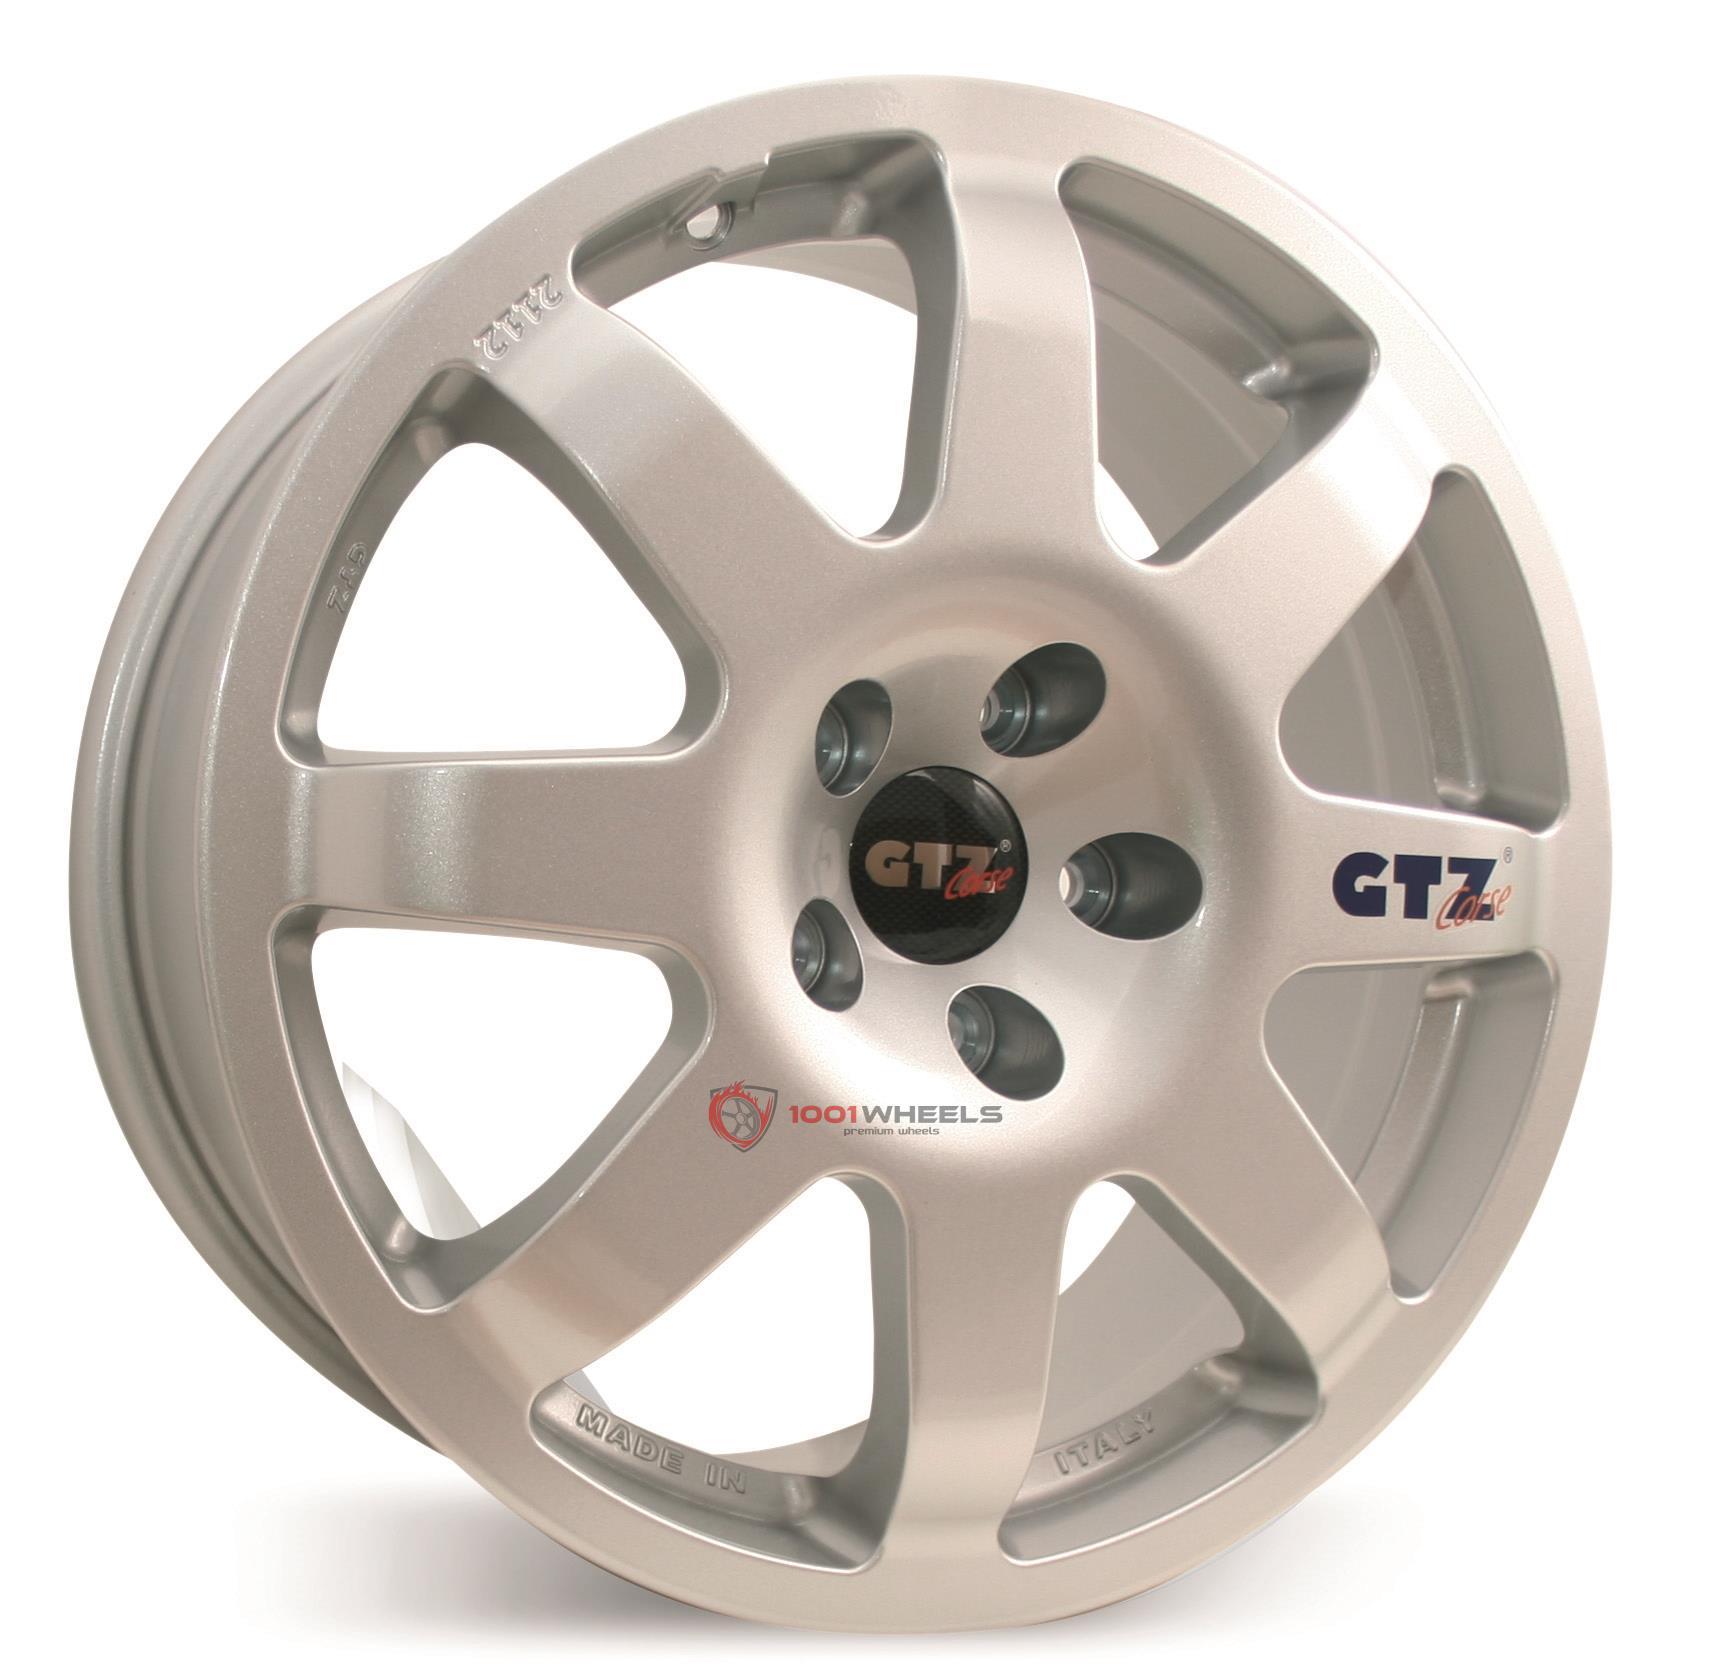 GTZ 2112 GRUPO A plata